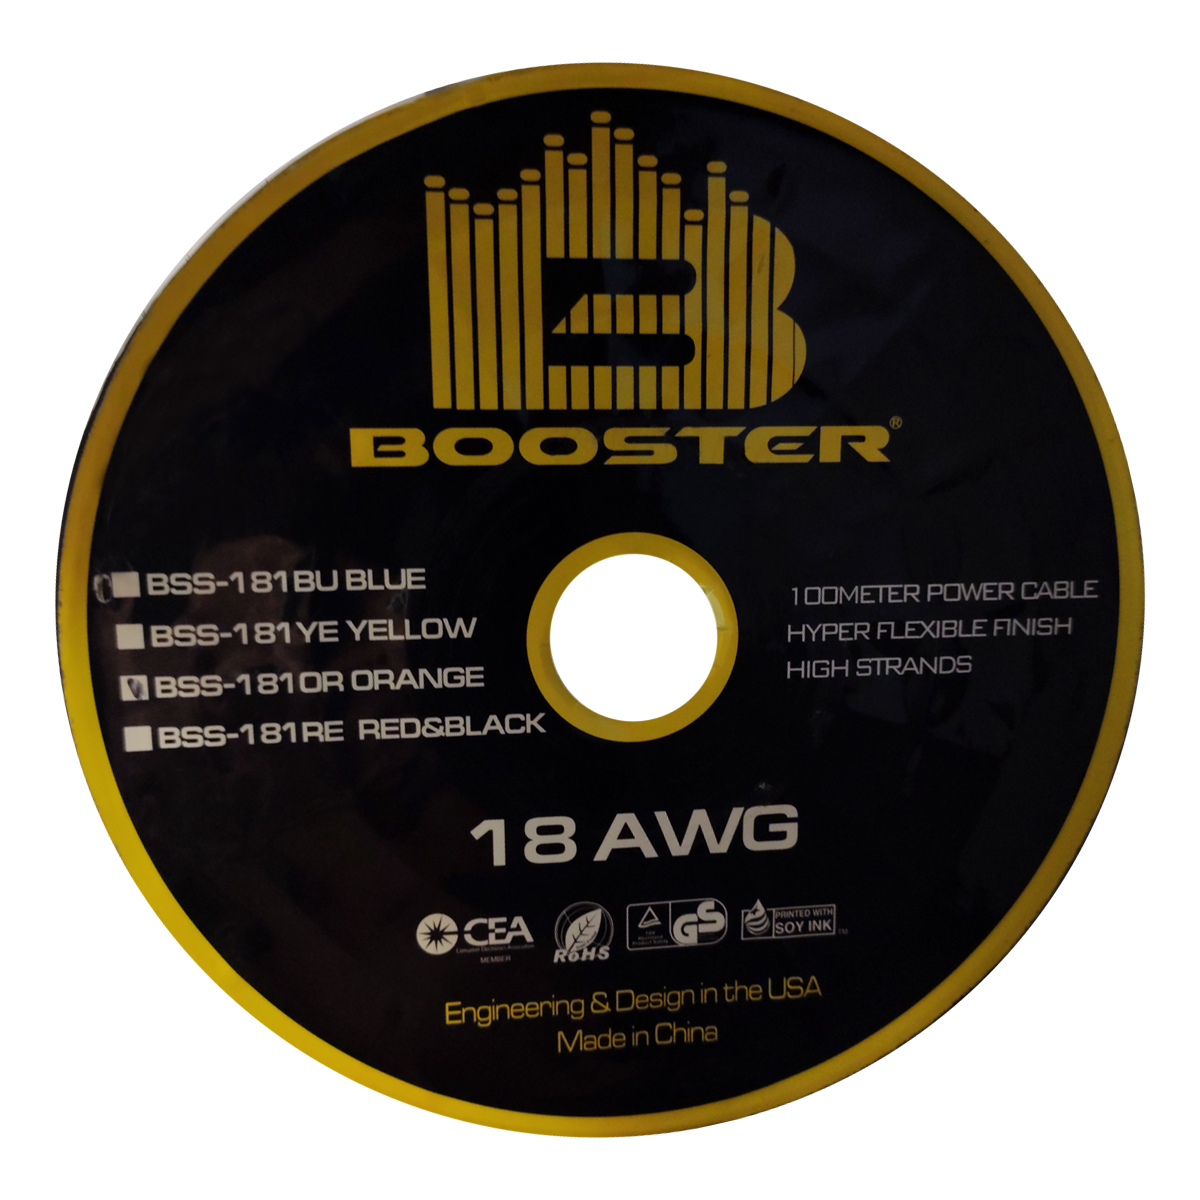 خرید اینترنتی کابل آمپلی فایر خودرو بوستر مدل BSS-181OR اورجینال